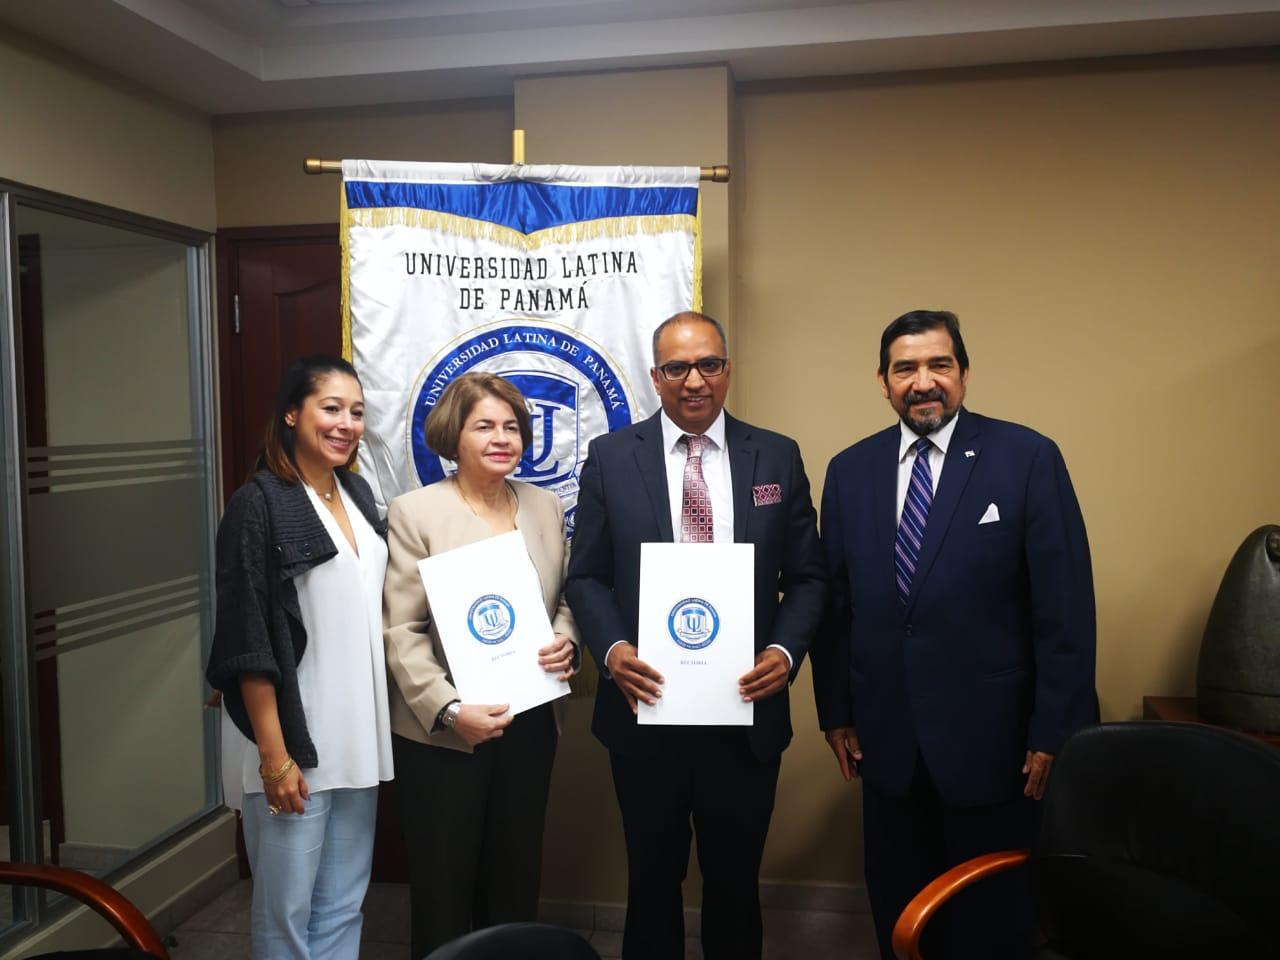 ICAP fortalece vínculos de cooperación en Panamá a través de la articulación de programas formativos